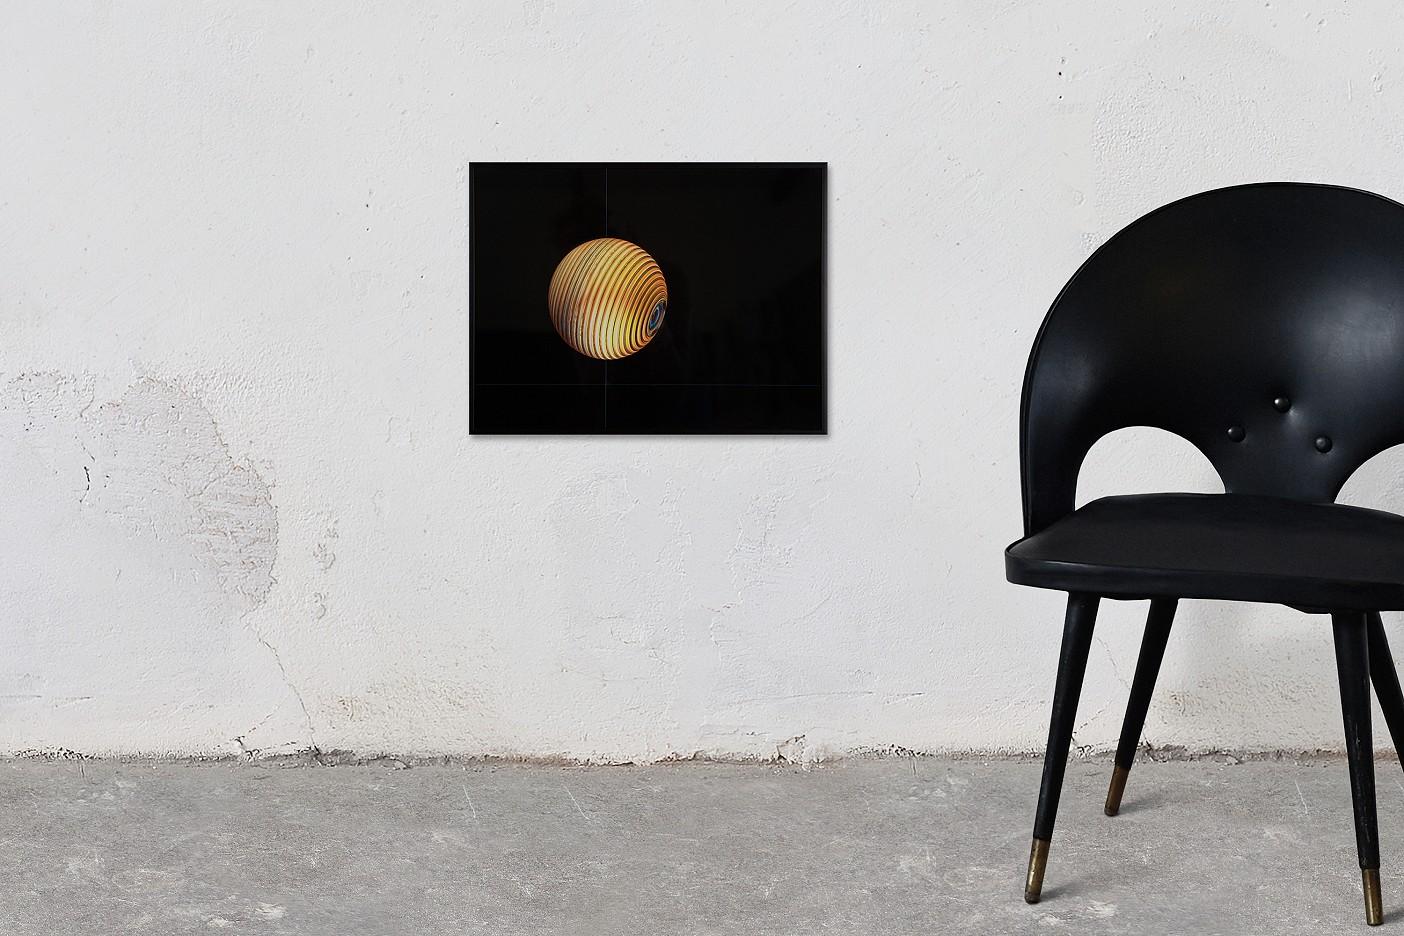 pixel_paintings_2_watching